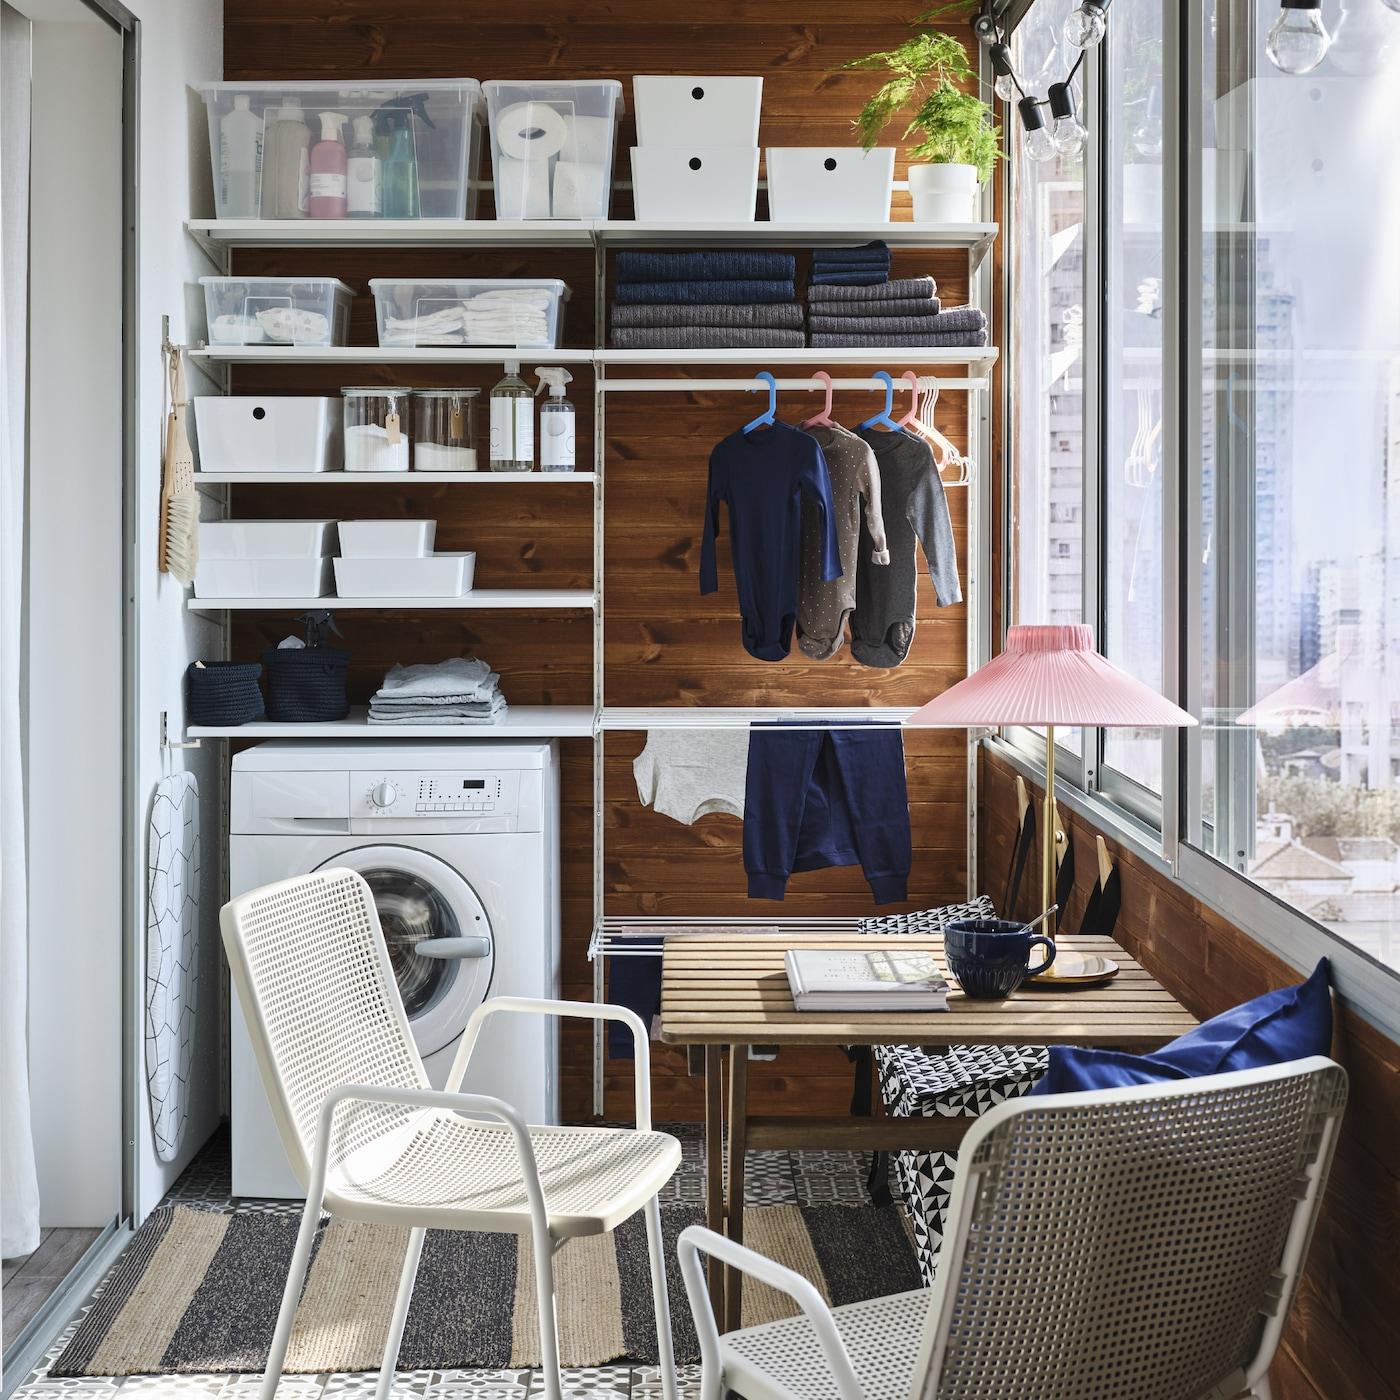 Un petit balcon avec système de rangement blanc pour le linge, lave-linge, petite table d'extérieur et deux chaises en blanc/beige.